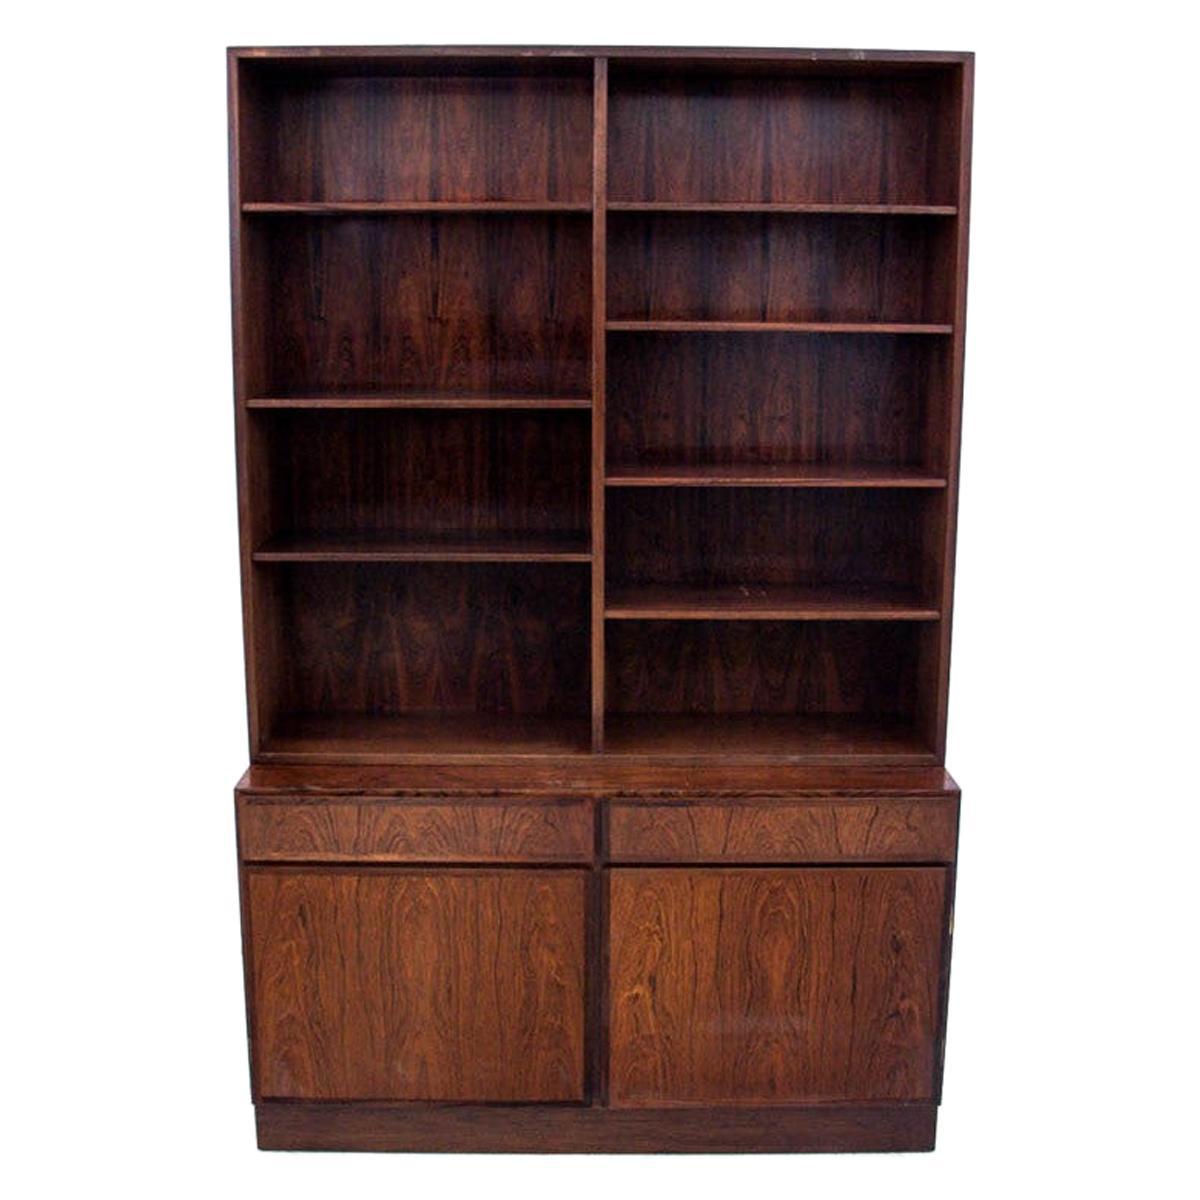 Bookcase, Rosewood, Danish Design, 1960s